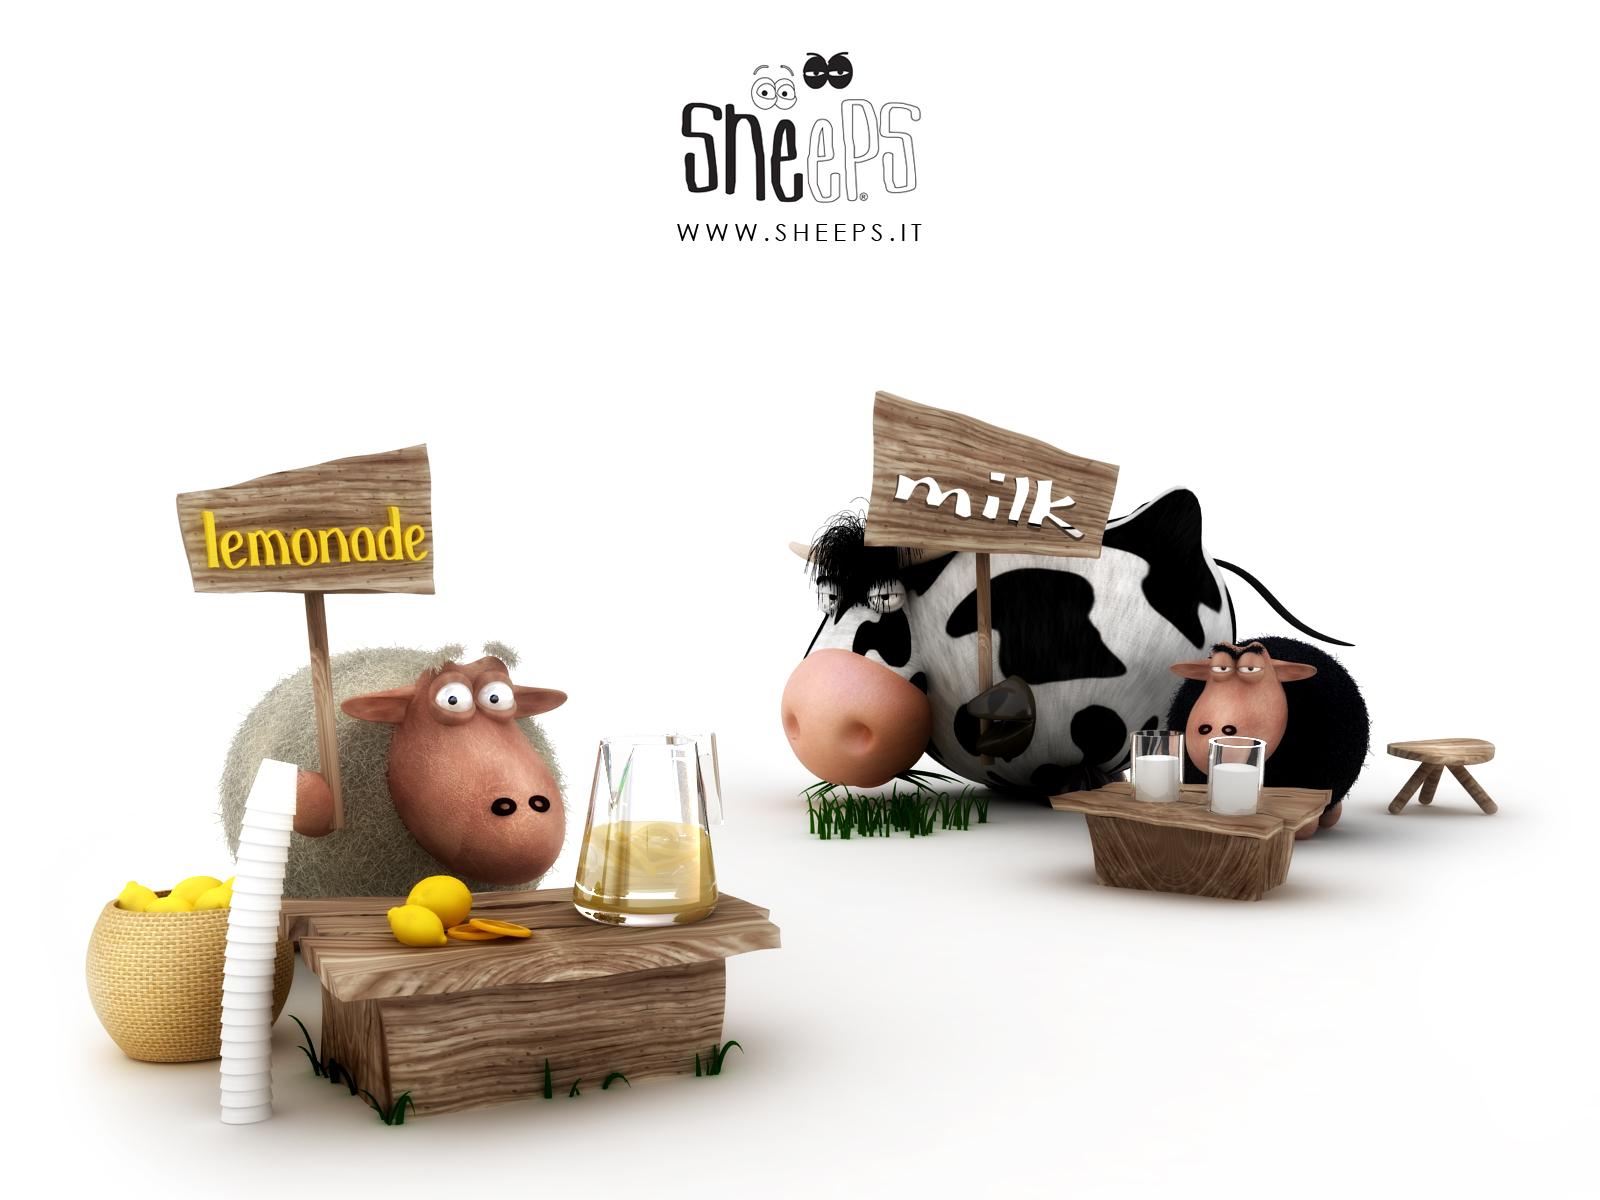 http://2.bp.blogspot.com/-Qqx9KIs2eT8/ThsjX-22exI/AAAAAAAAAIc/V60Mm5HMAN4/s1600/Sheep-Wallpapers-.jpg